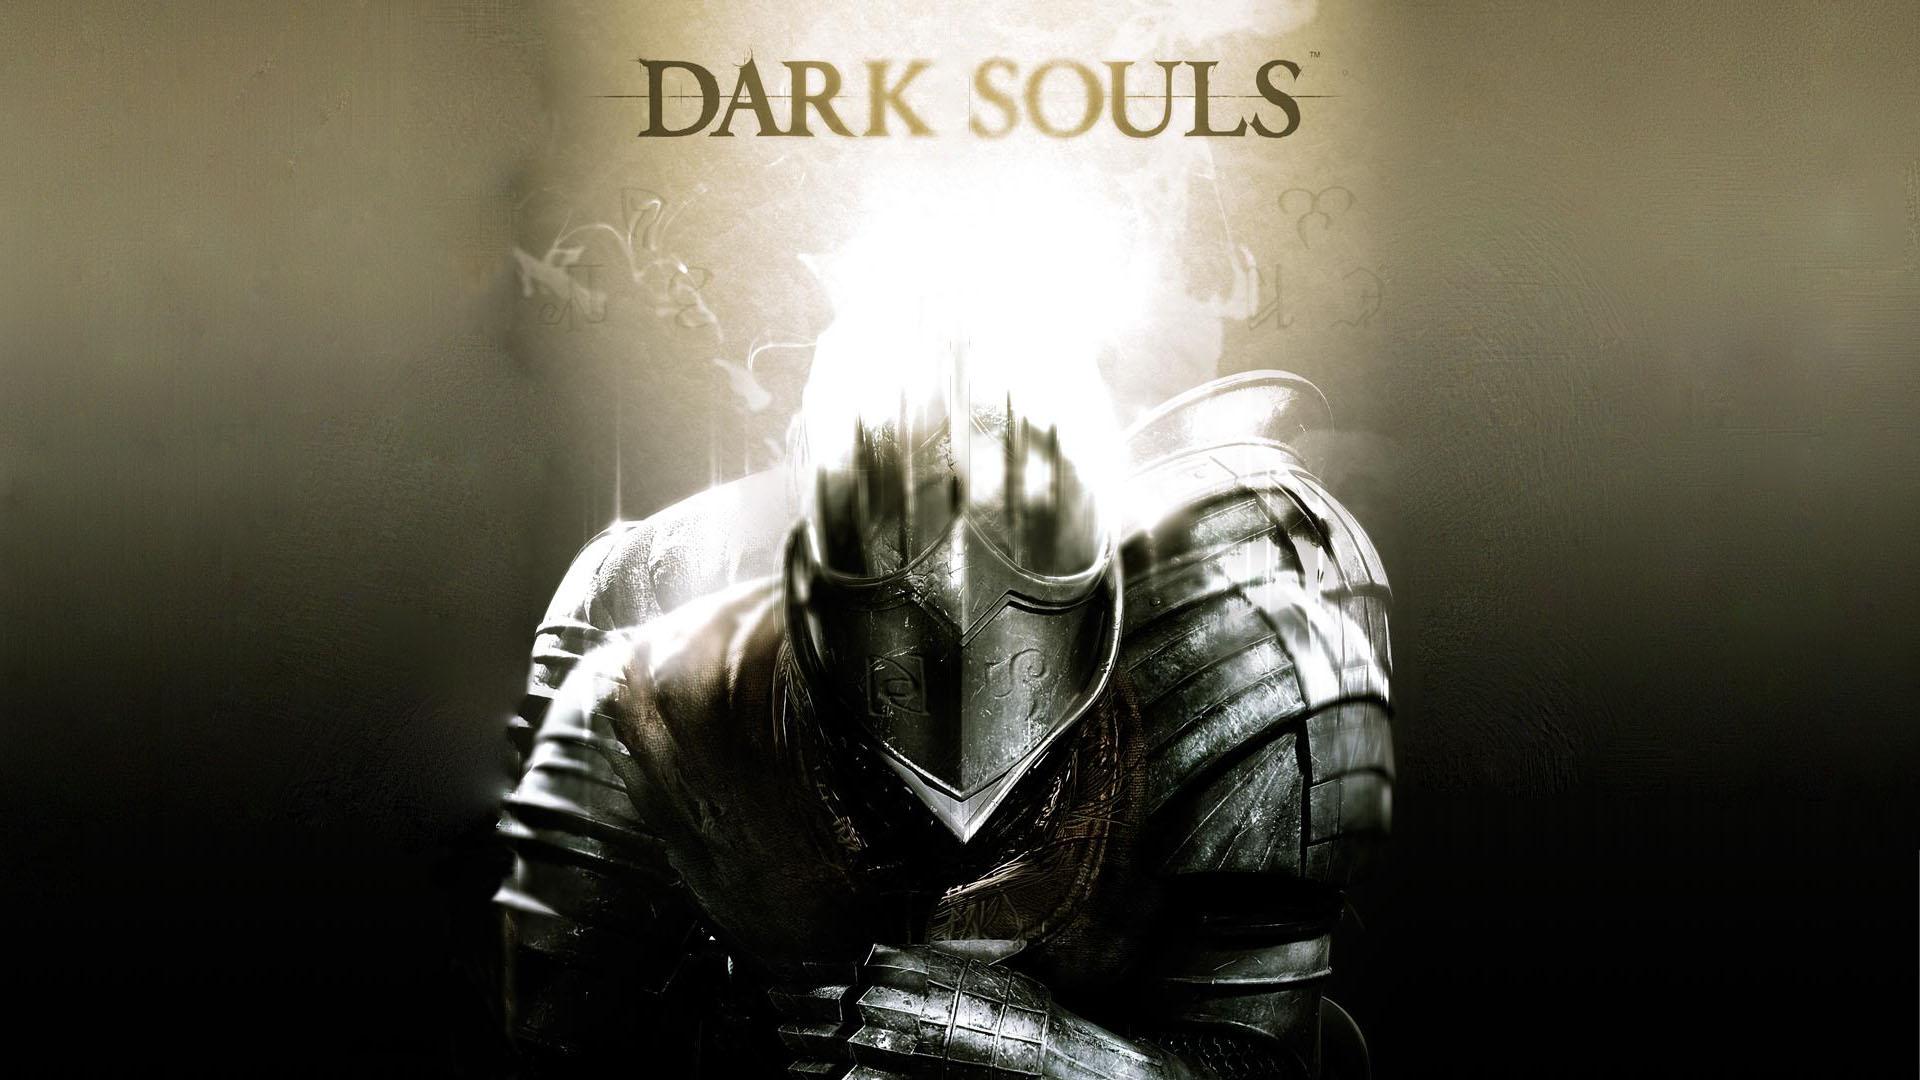 Dark Souls ダークソウル 壁紙 画像 Iphone スマホ待受画像